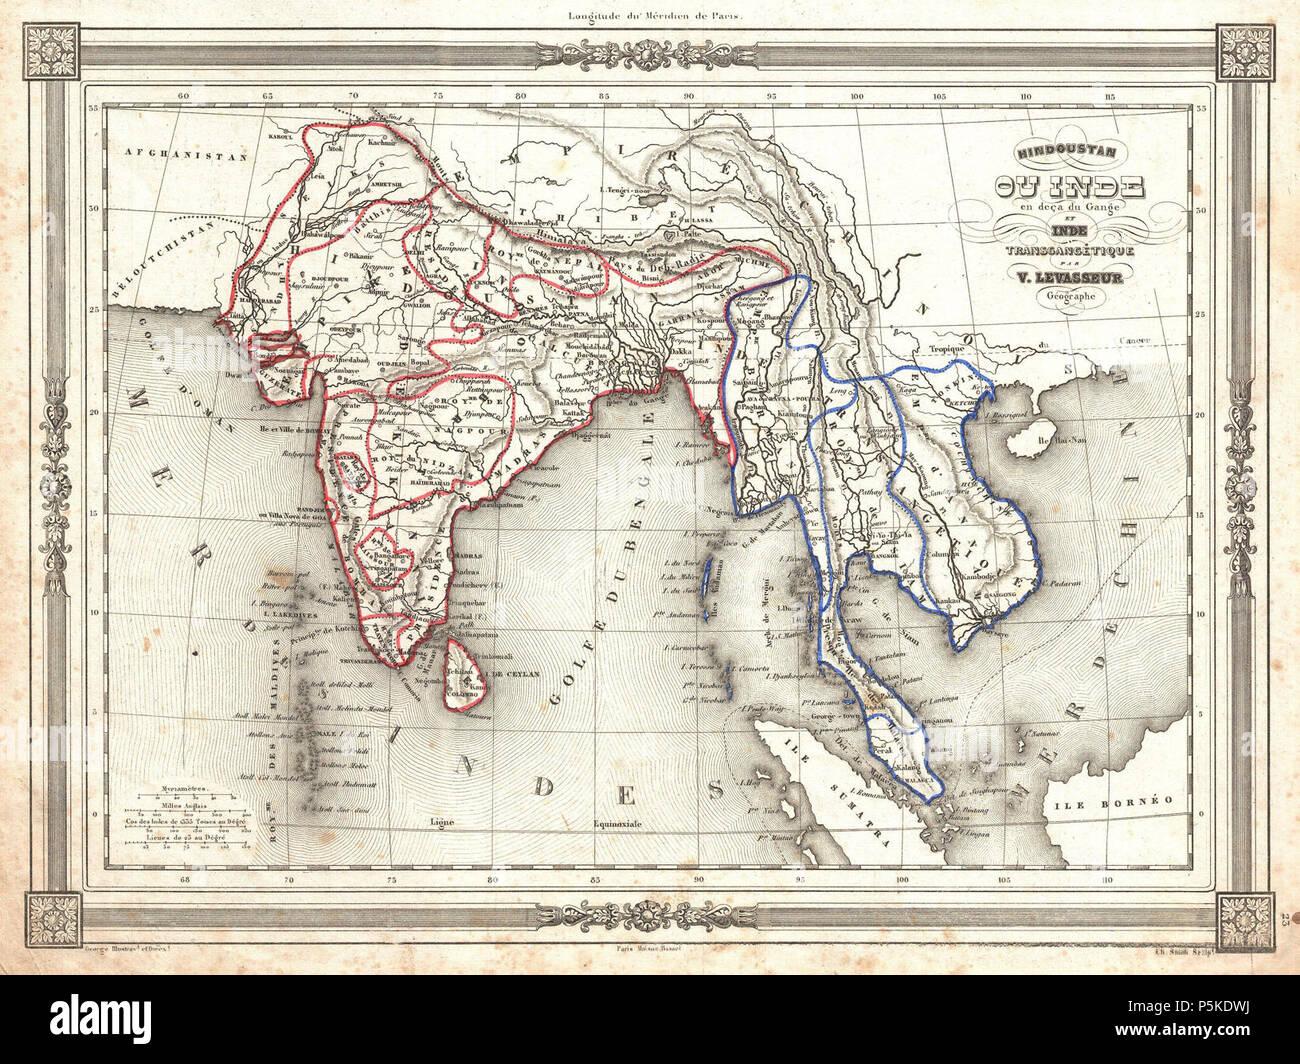 Carte Du Sud Est De Linde.Levasseur 1852 Carte De L Inde Et Le Sud Est De L Asie Inde